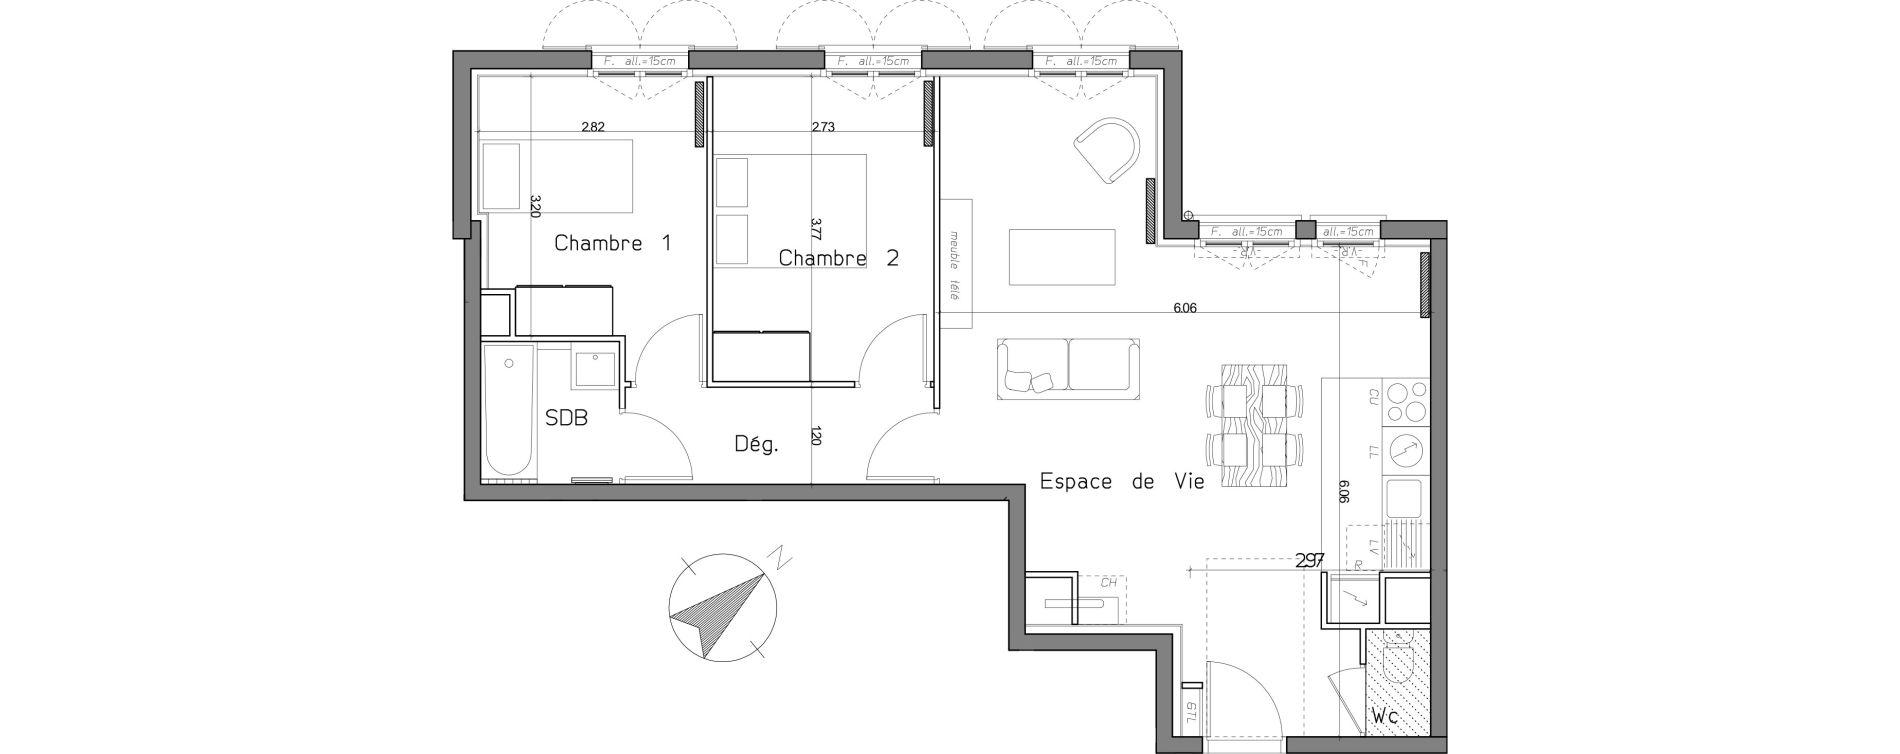 Appartement T3 de 62,01 m2 au Mesnil-Le-Roi Centre